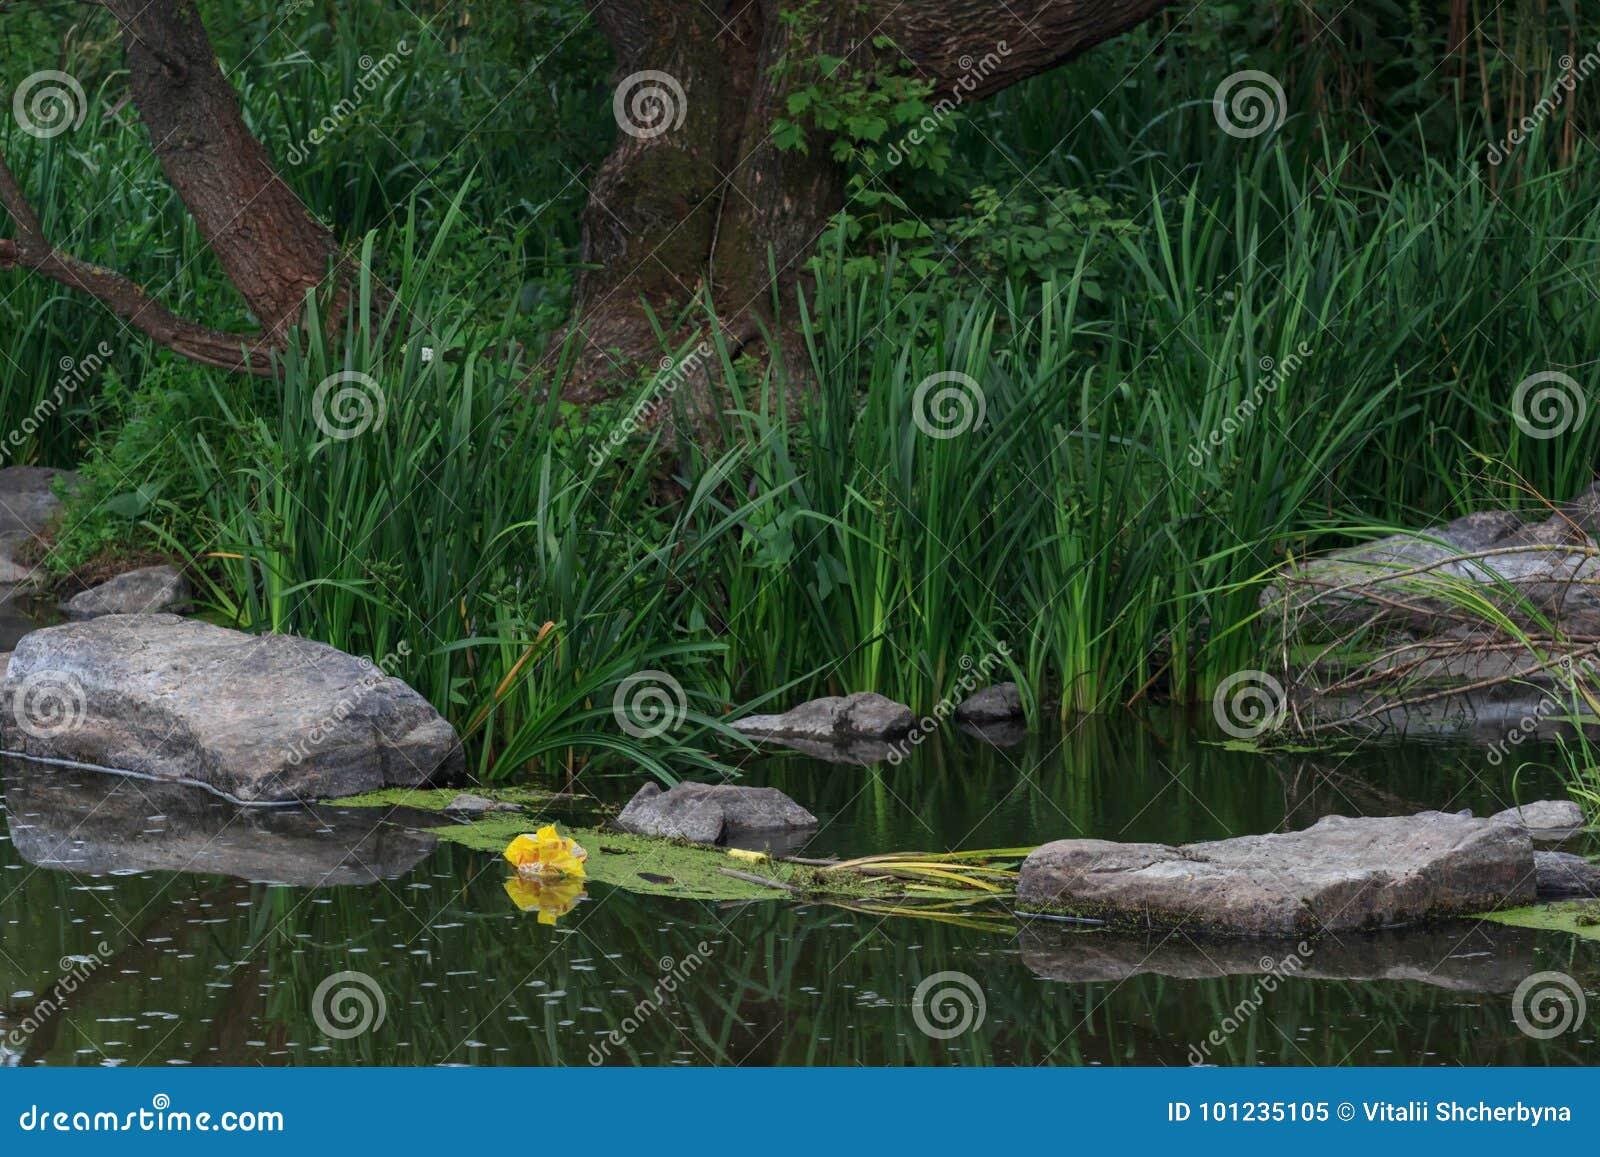 Recursos hídricos que é poluído com vários lixo e lixo, rios poluídos